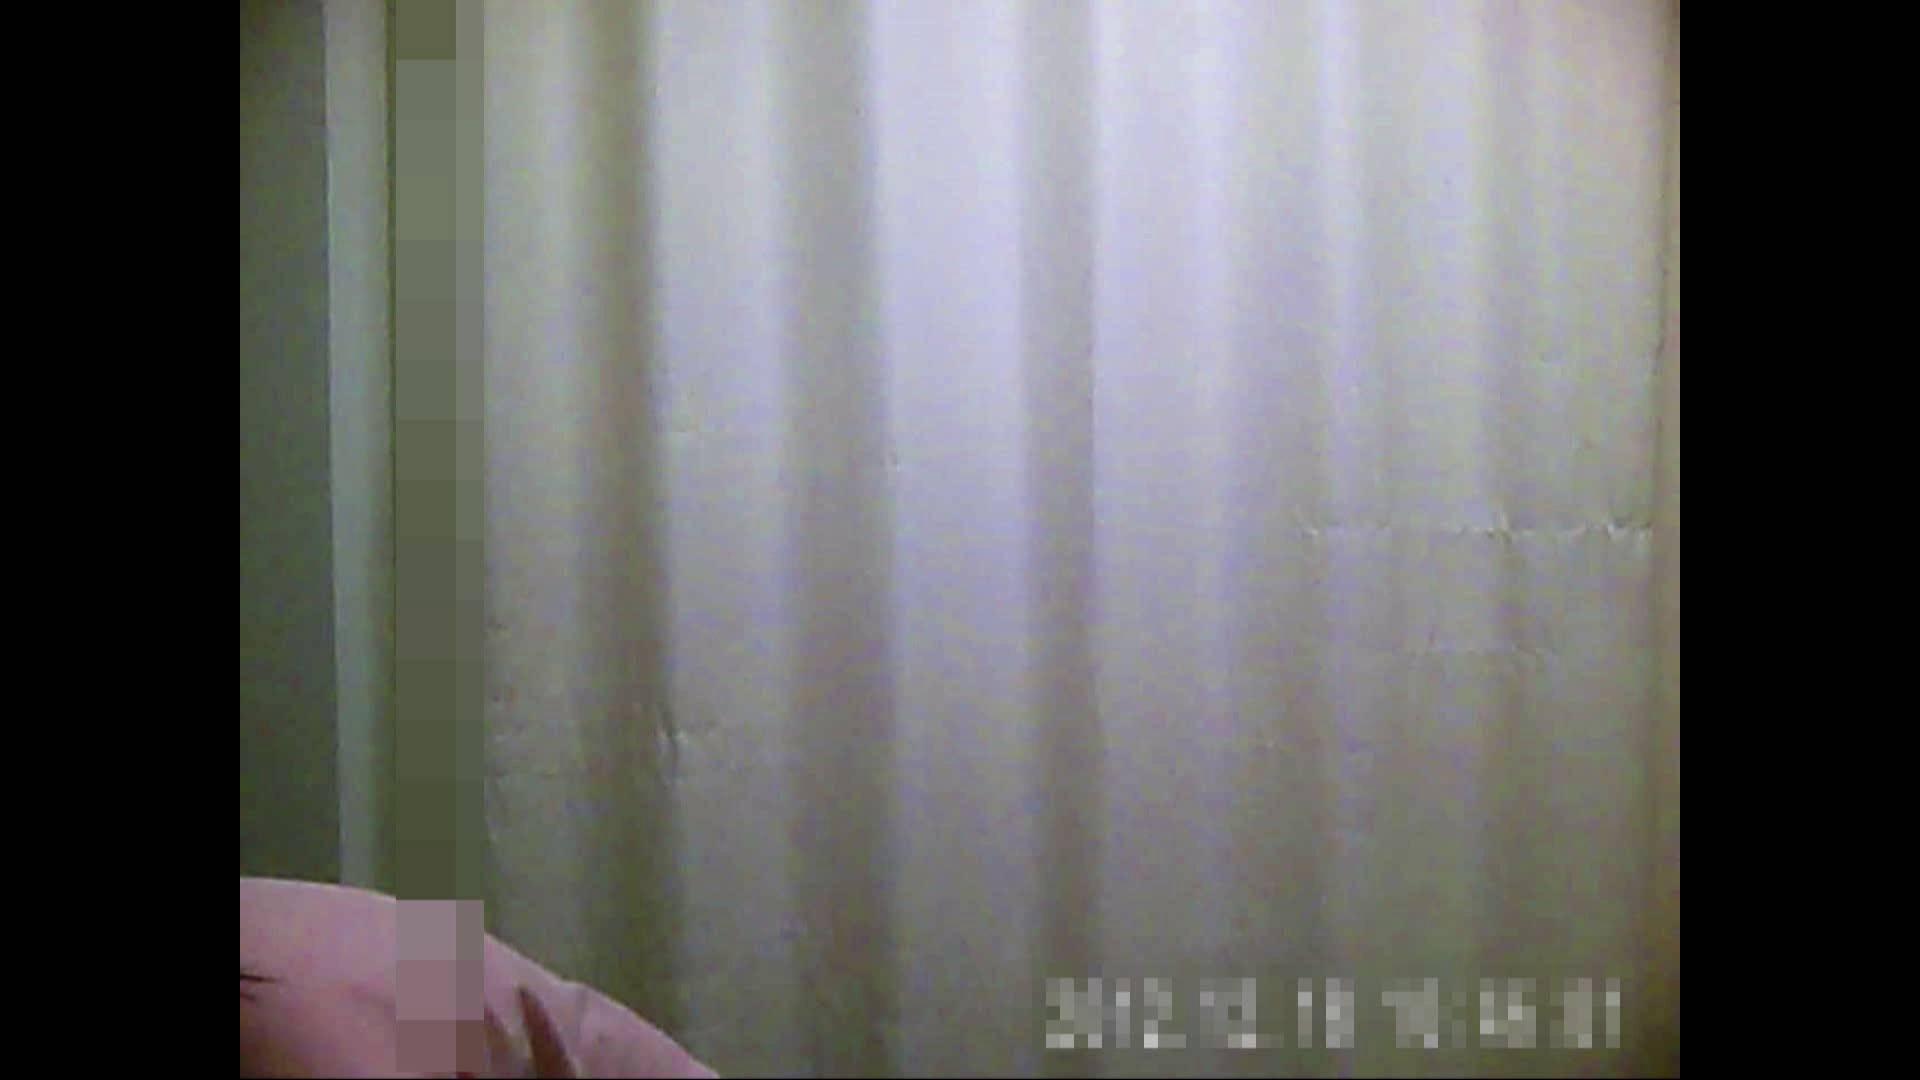 病院おもいっきり着替え! vol.180 乳首 盗み撮りSEX無修正画像 99pic 10